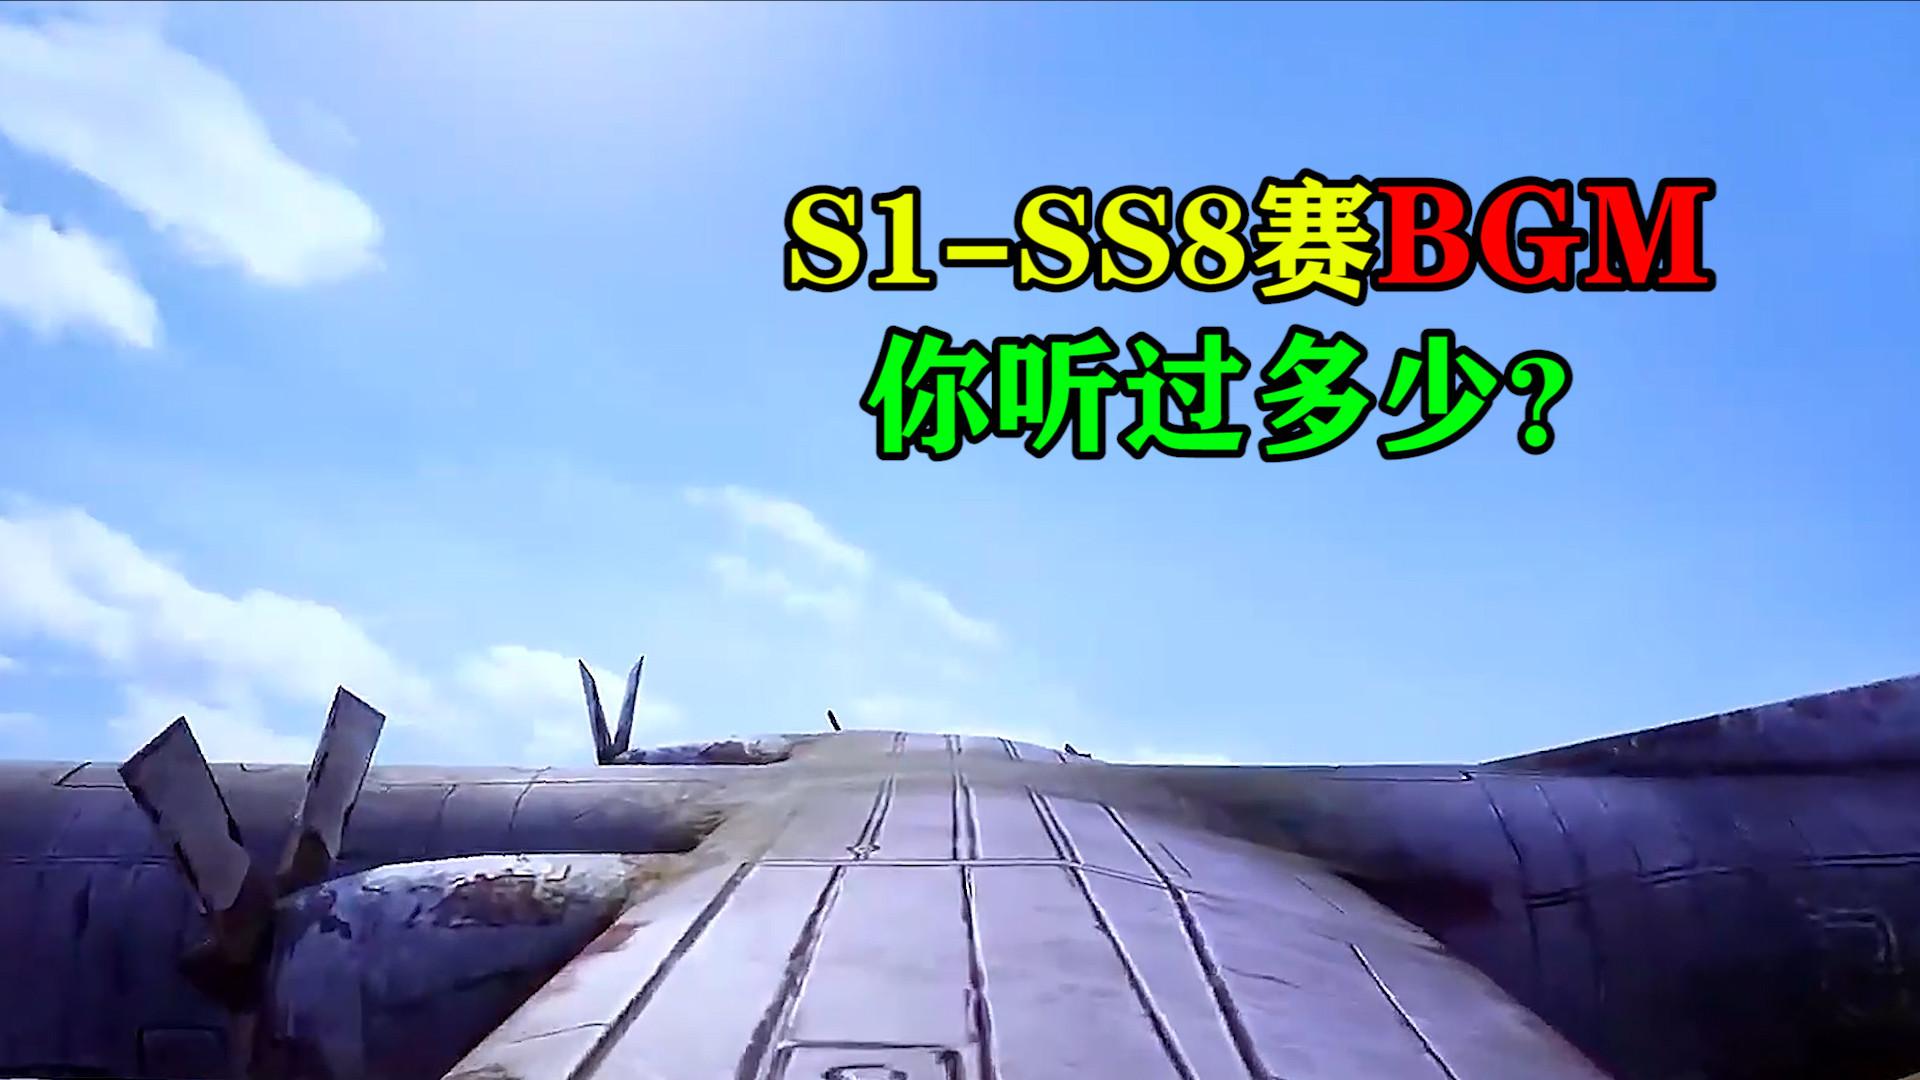 和平精英:S1赛季至SS8赛季bgm, 你都听过吗?